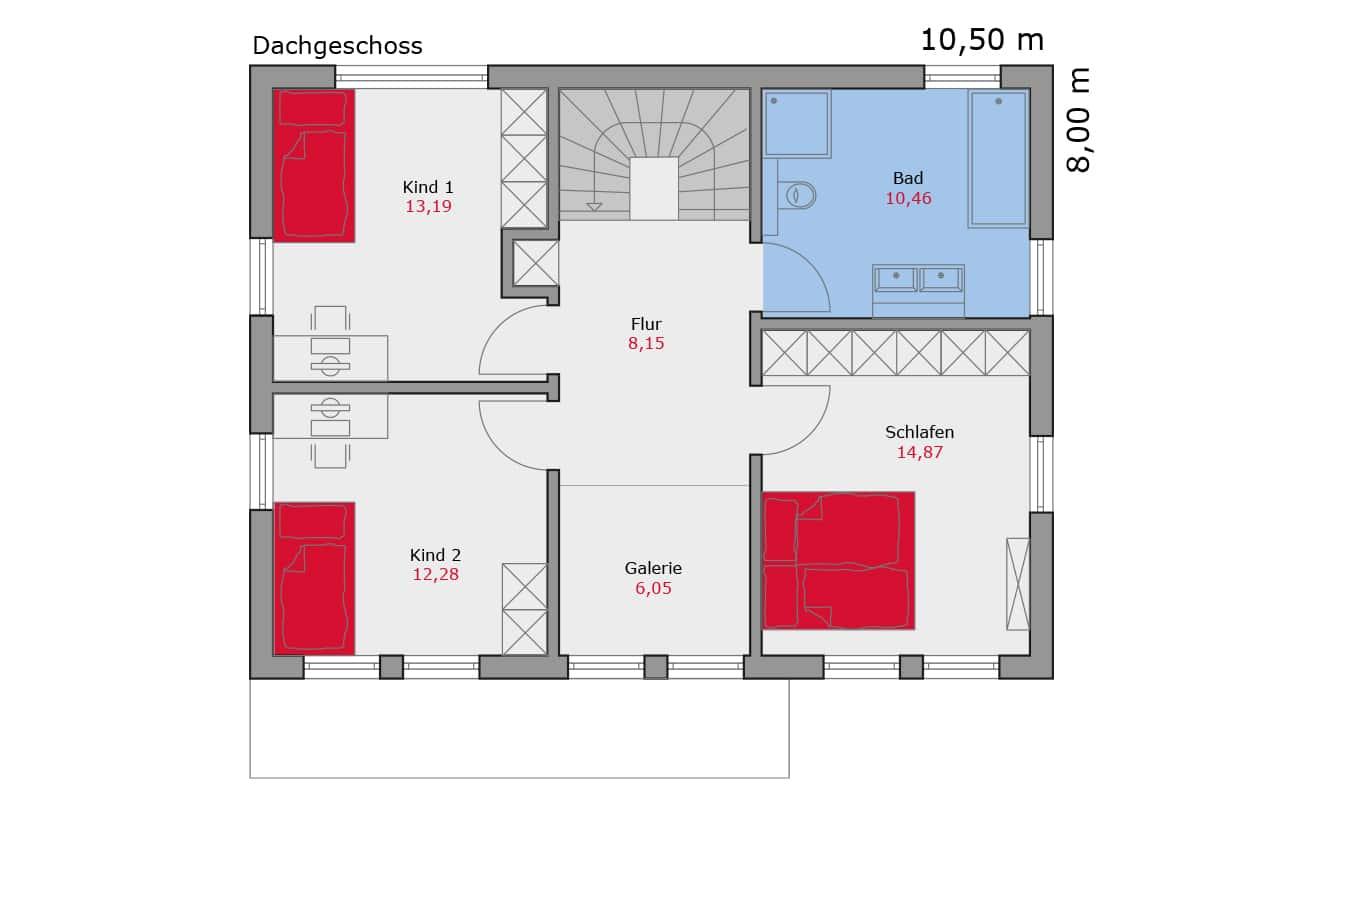 Haus113_Grundriss_Dachgeschoss_Walmdach_Einfamilienhaus_Talbauhaus